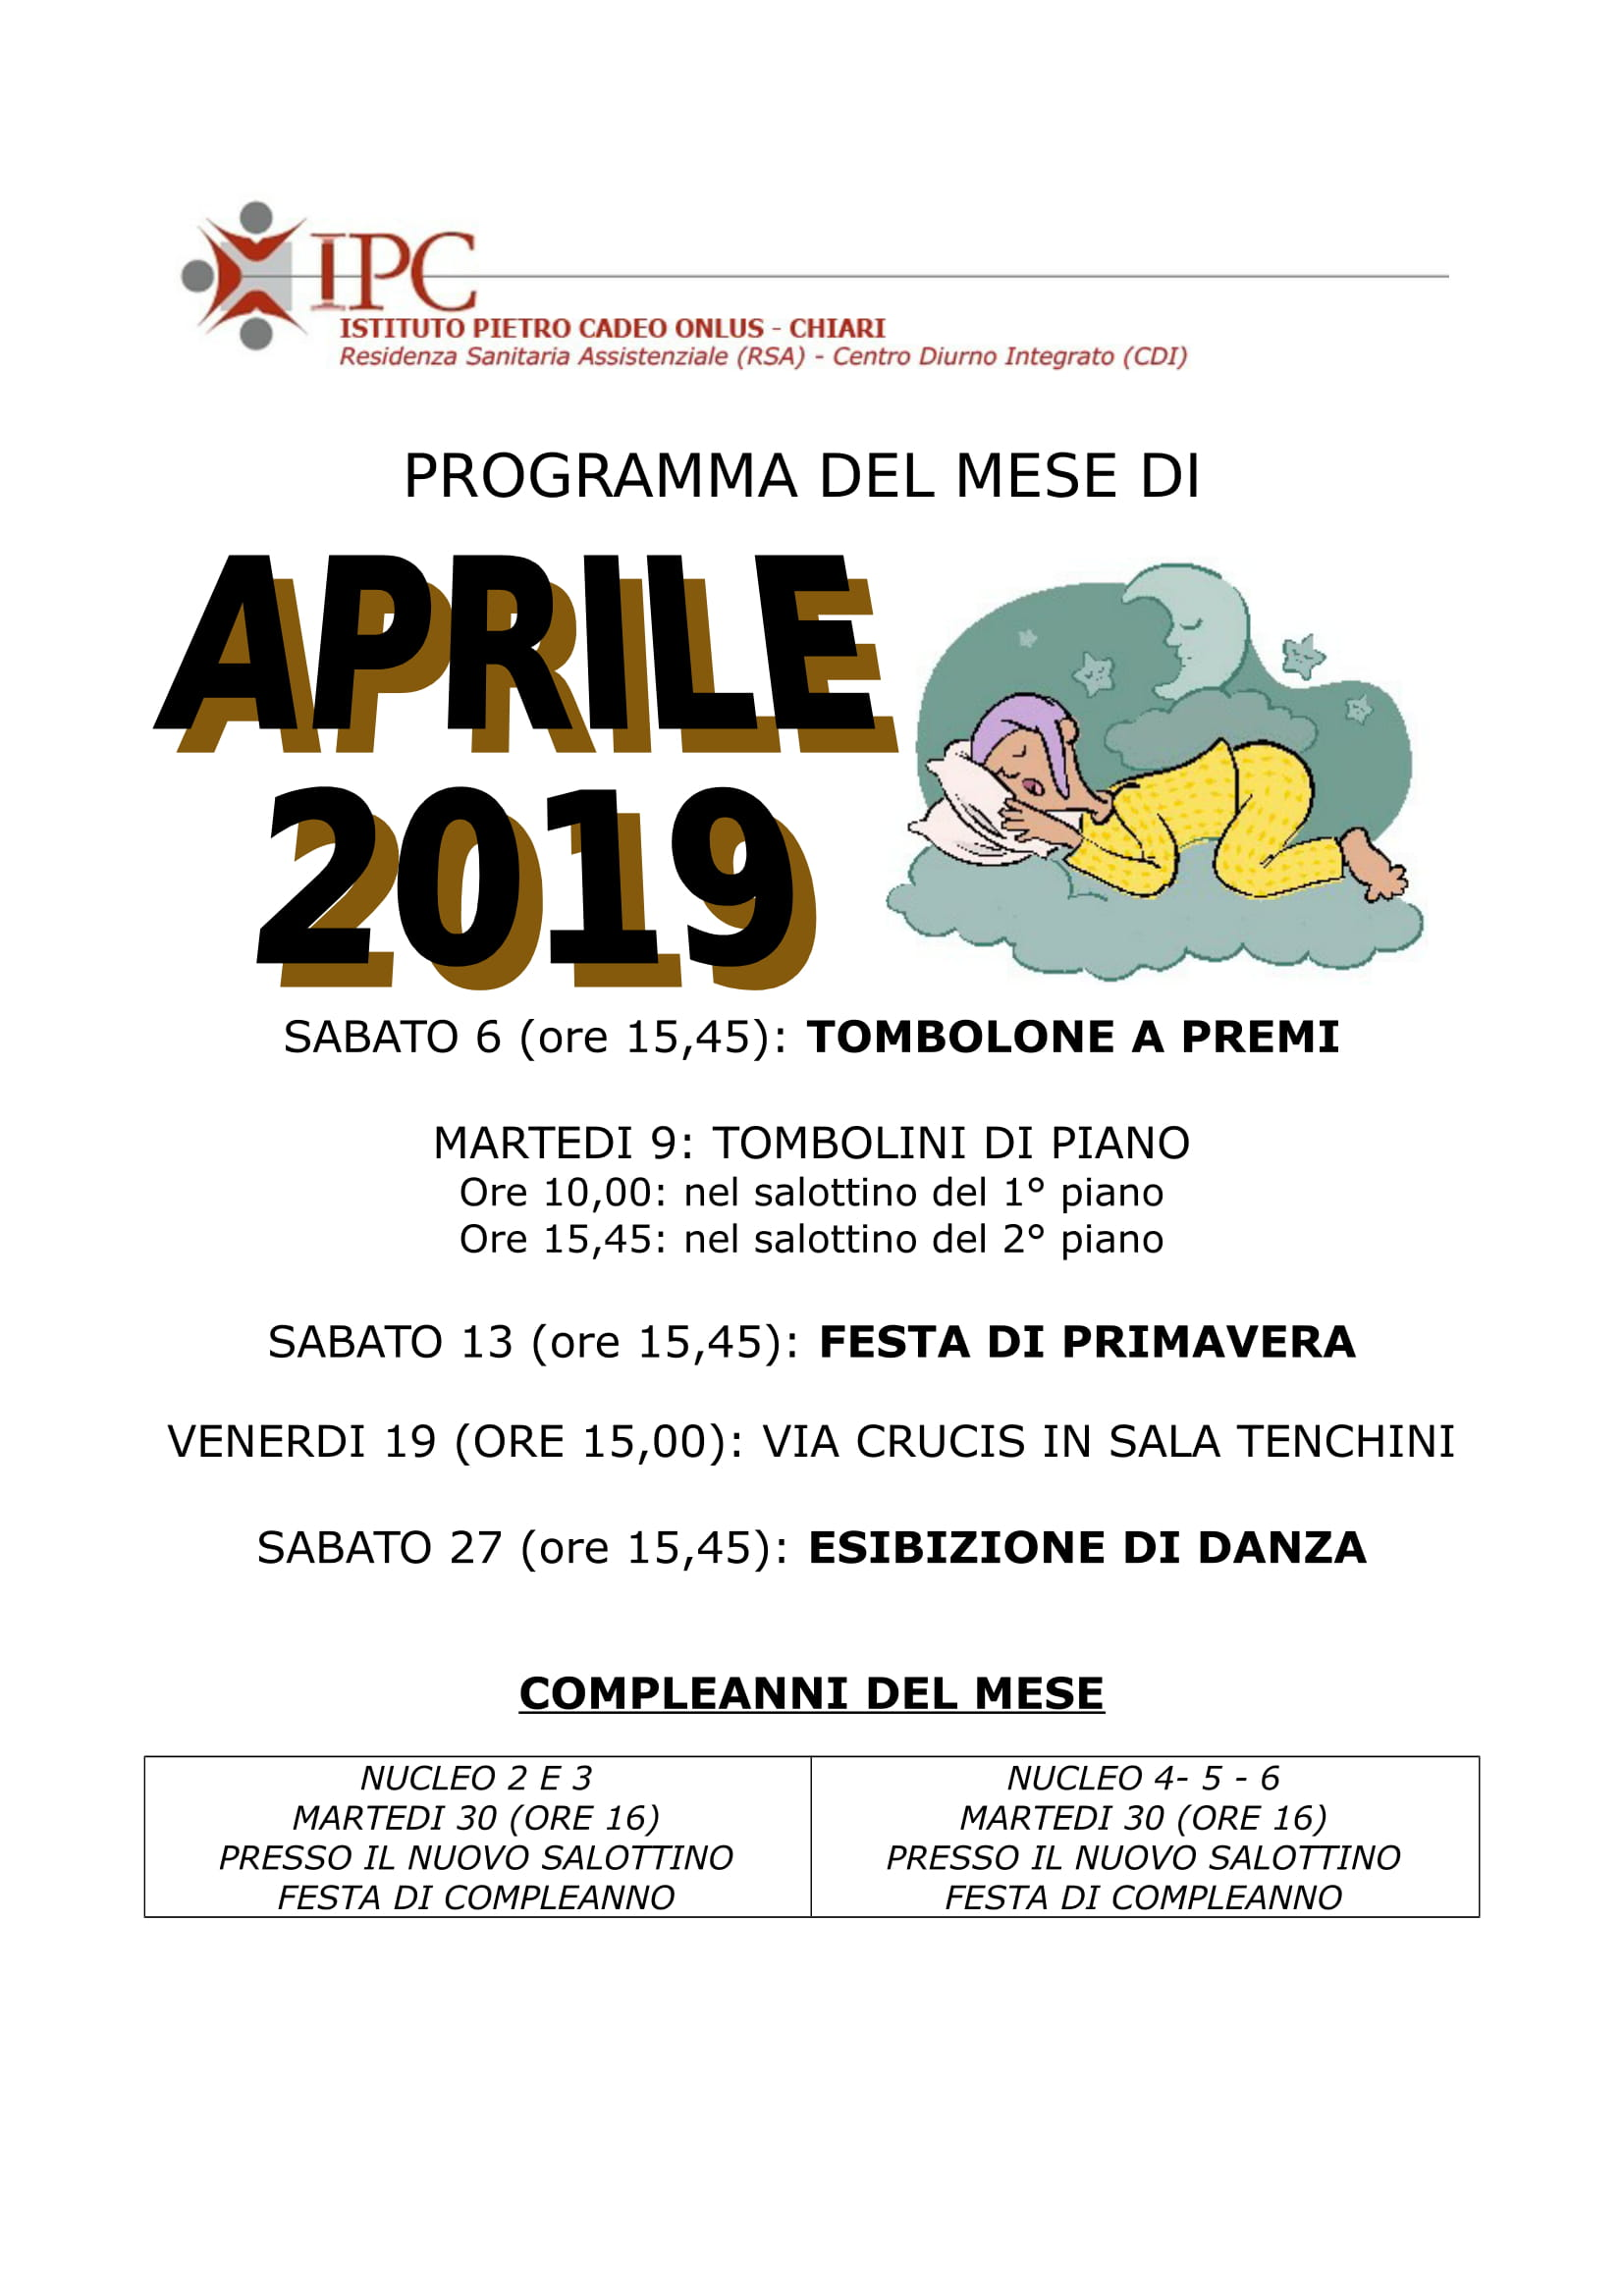 PROGRAMMA APRILE 2019-1